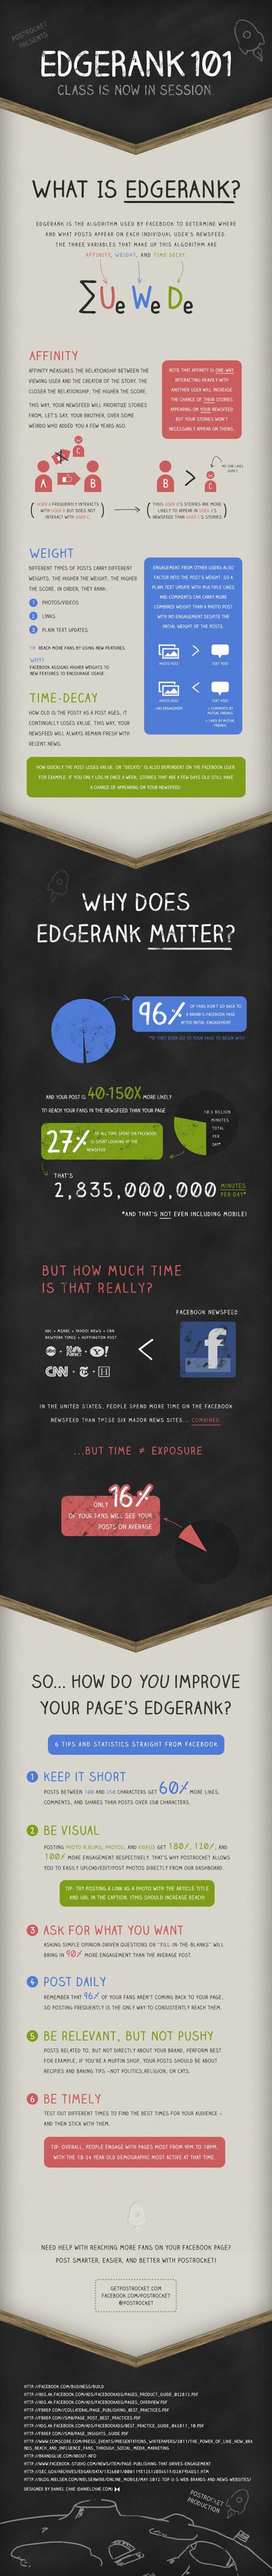 [Infographie] Comment fonctionne l'EdgeRank de Facebook ? [Part 1] | Social Media, etc. | Scoop.it